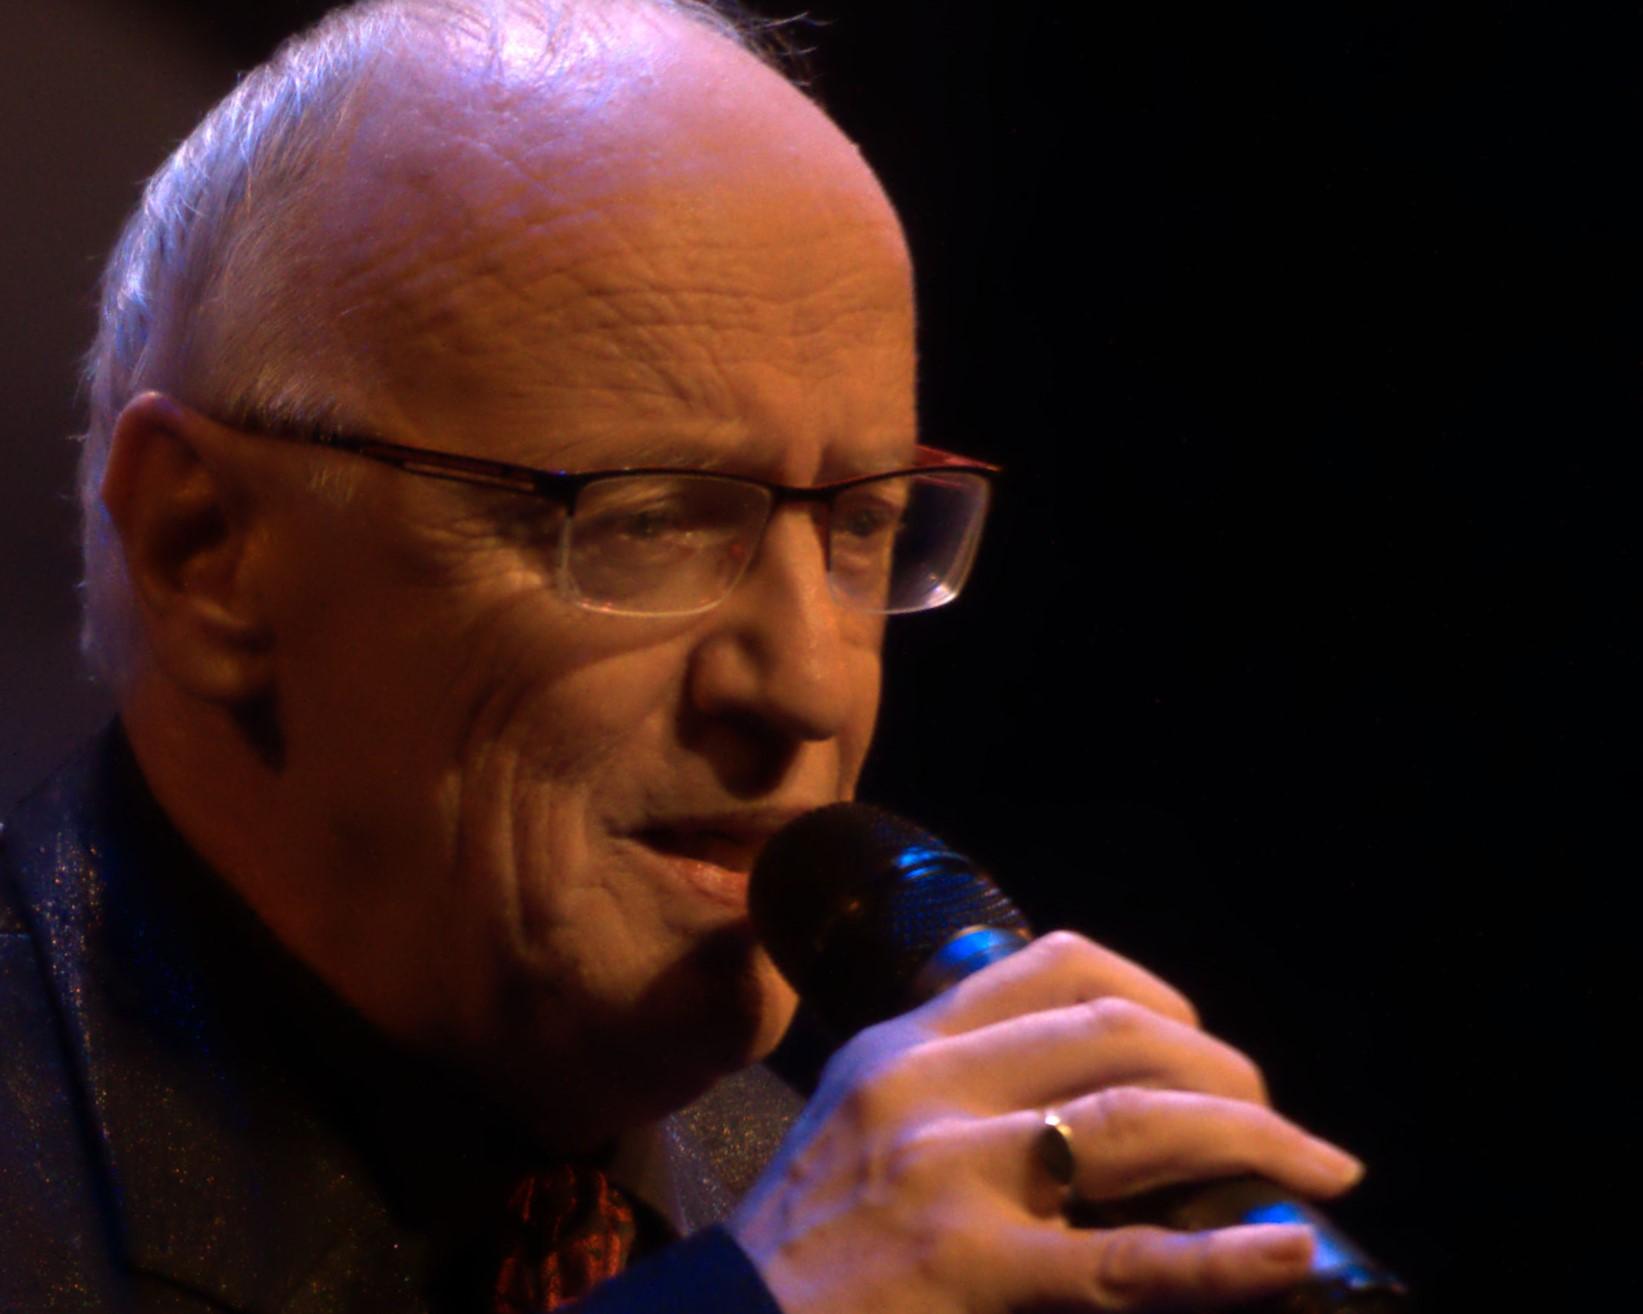 Klaas Landman